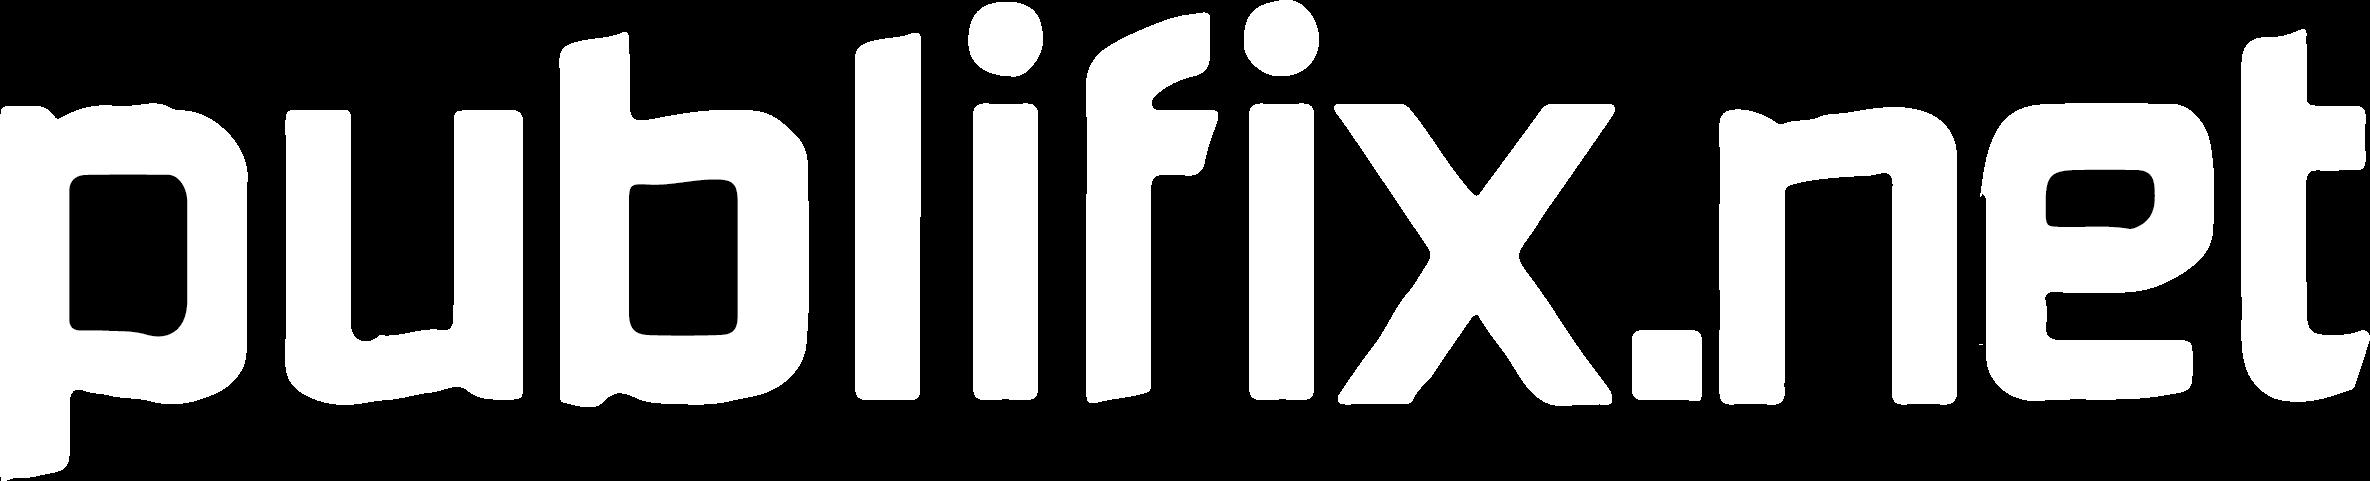 Ir al sitio web de Publifix.net